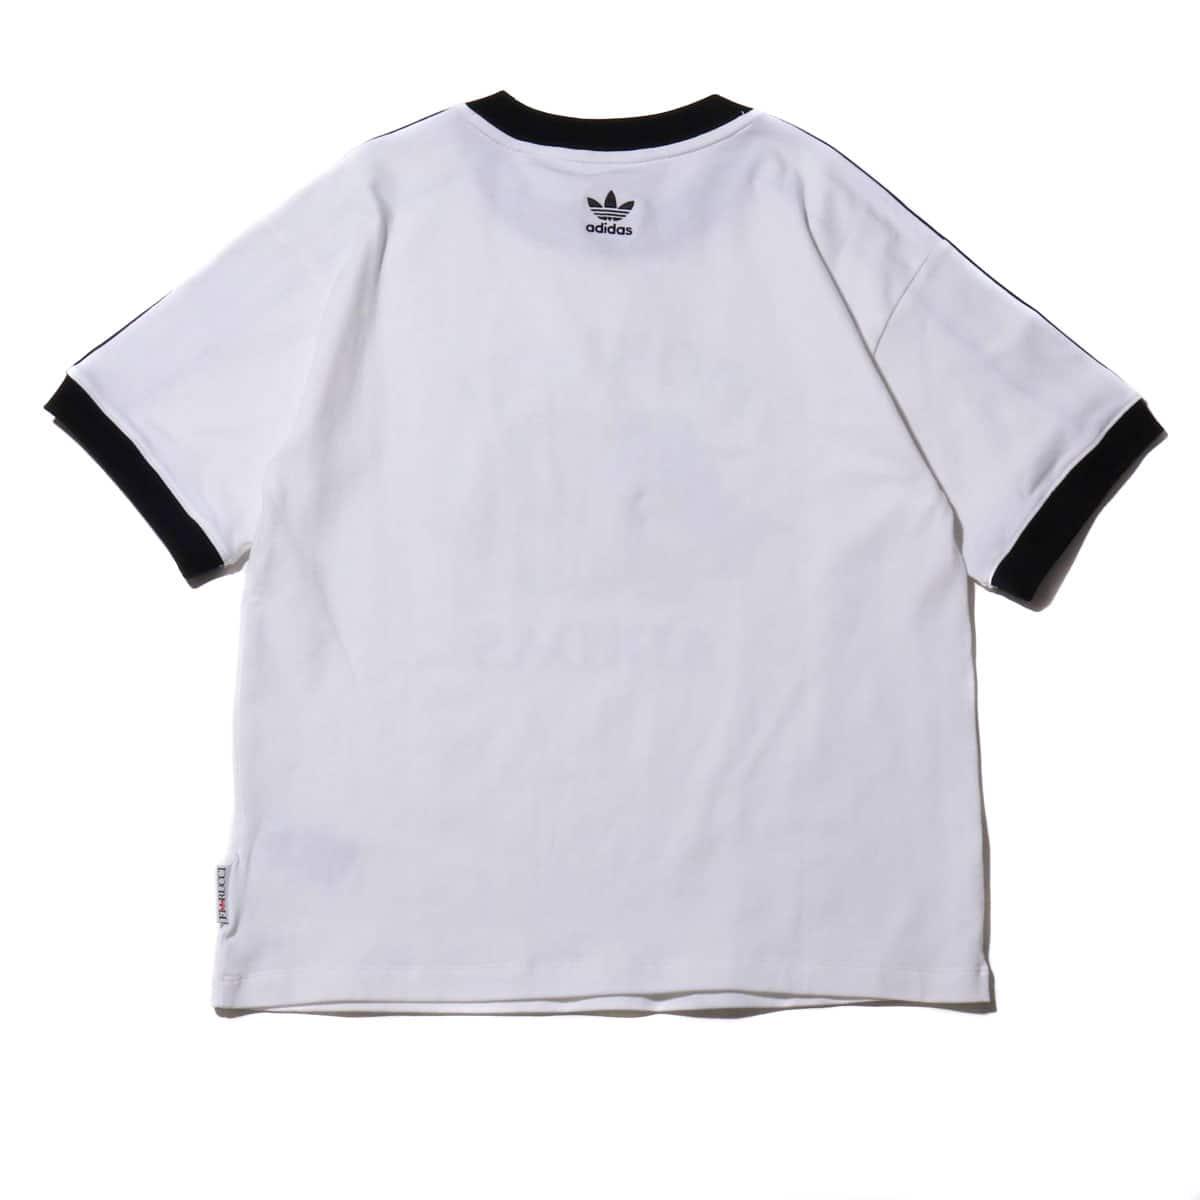 """""""adidas TEE WHITE 19FW-I""""_photo_2"""